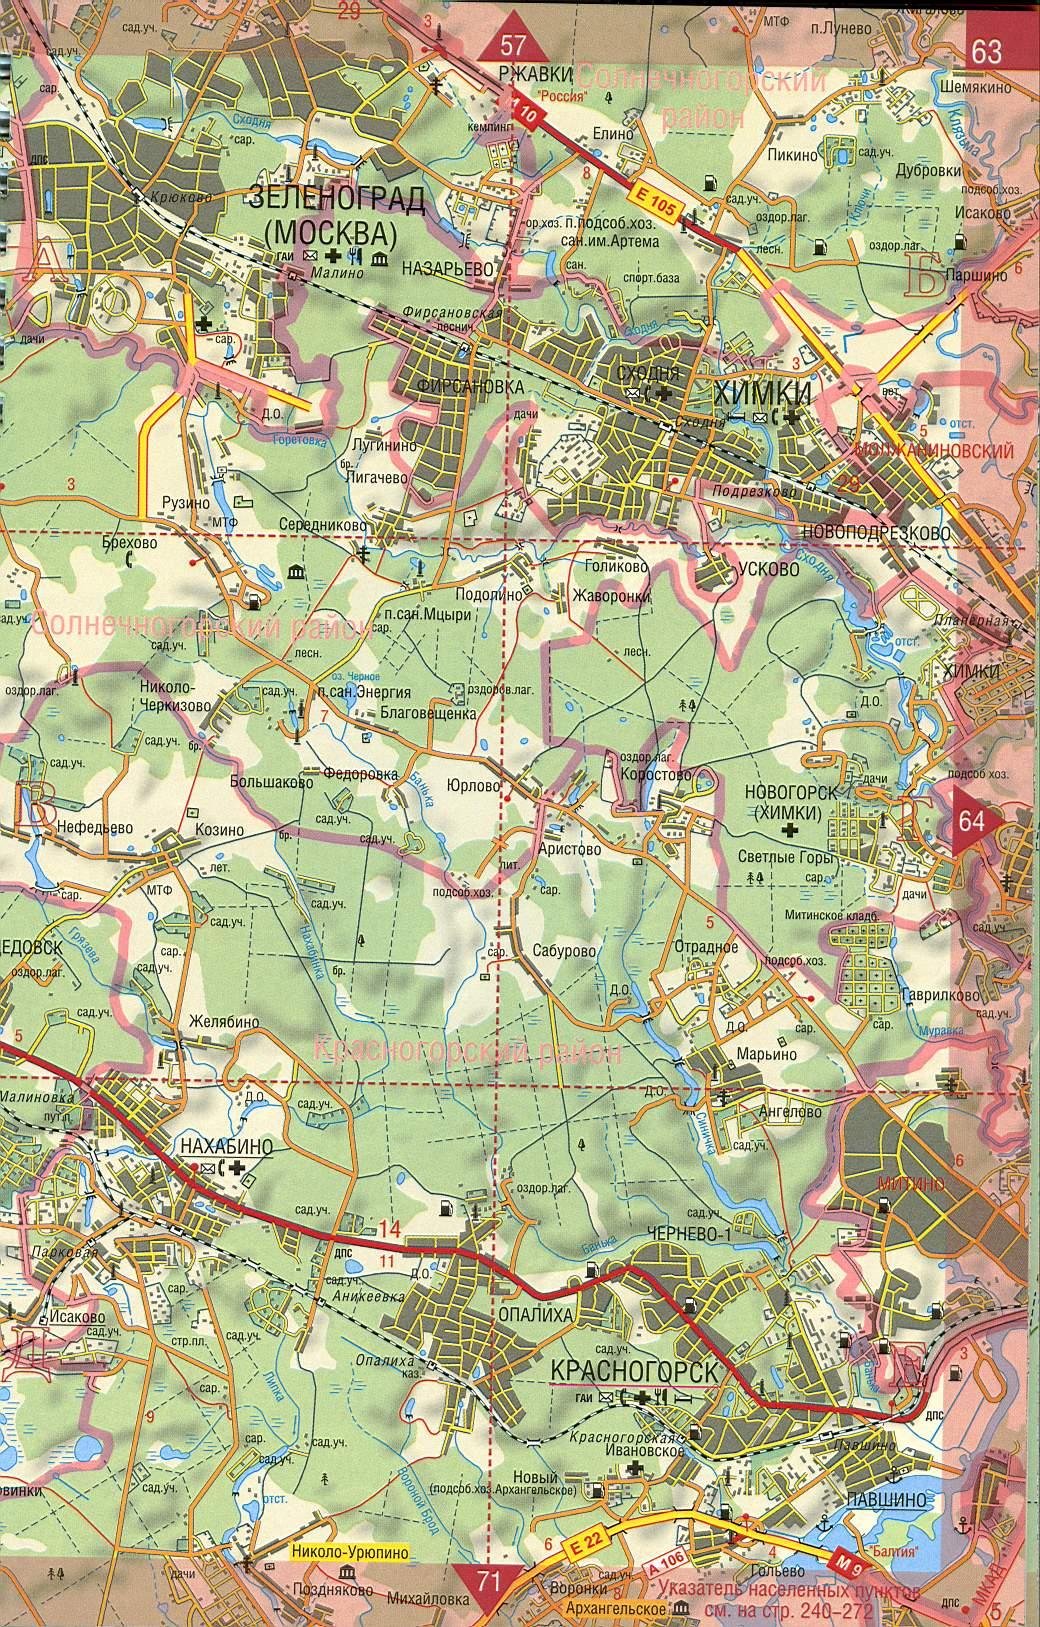 Проститутки москвы и московской области показать на карте 28 фотография